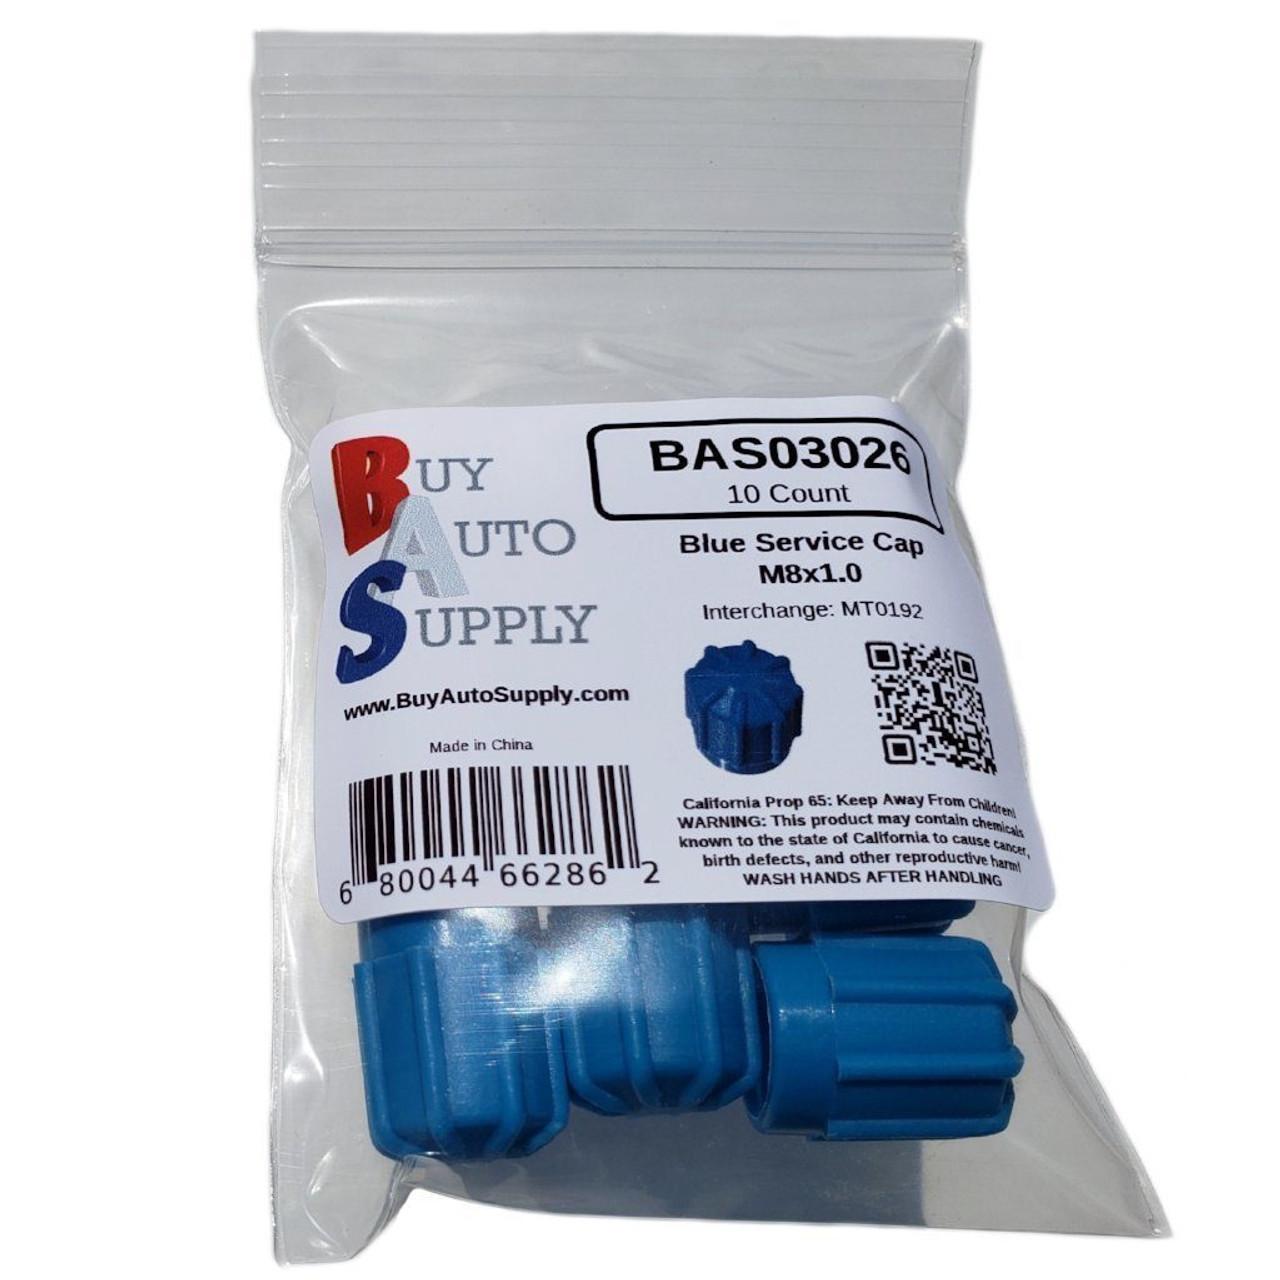 Bag of AC Service Caps - Blue Low Side M8x1.0, Interchanges: MT0192